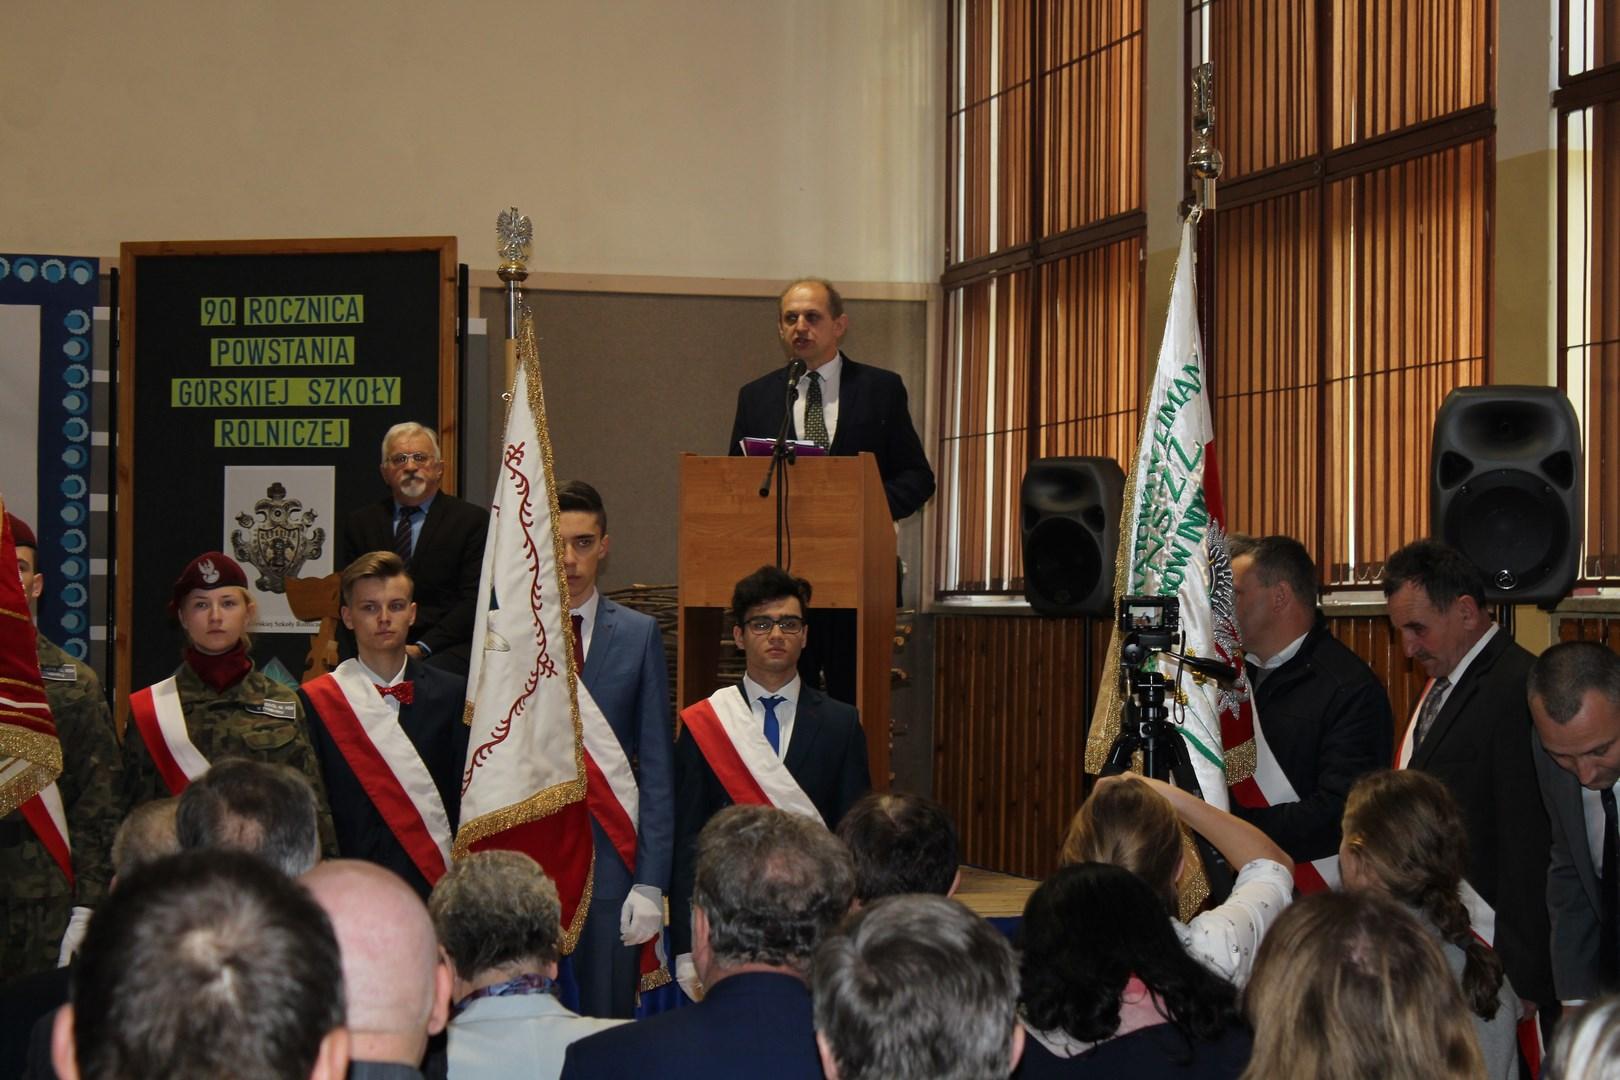 Obchody Jubileuszu 90 rocznicy powstania Górskiej Szkoły Rolniczej - zdjęcie główne